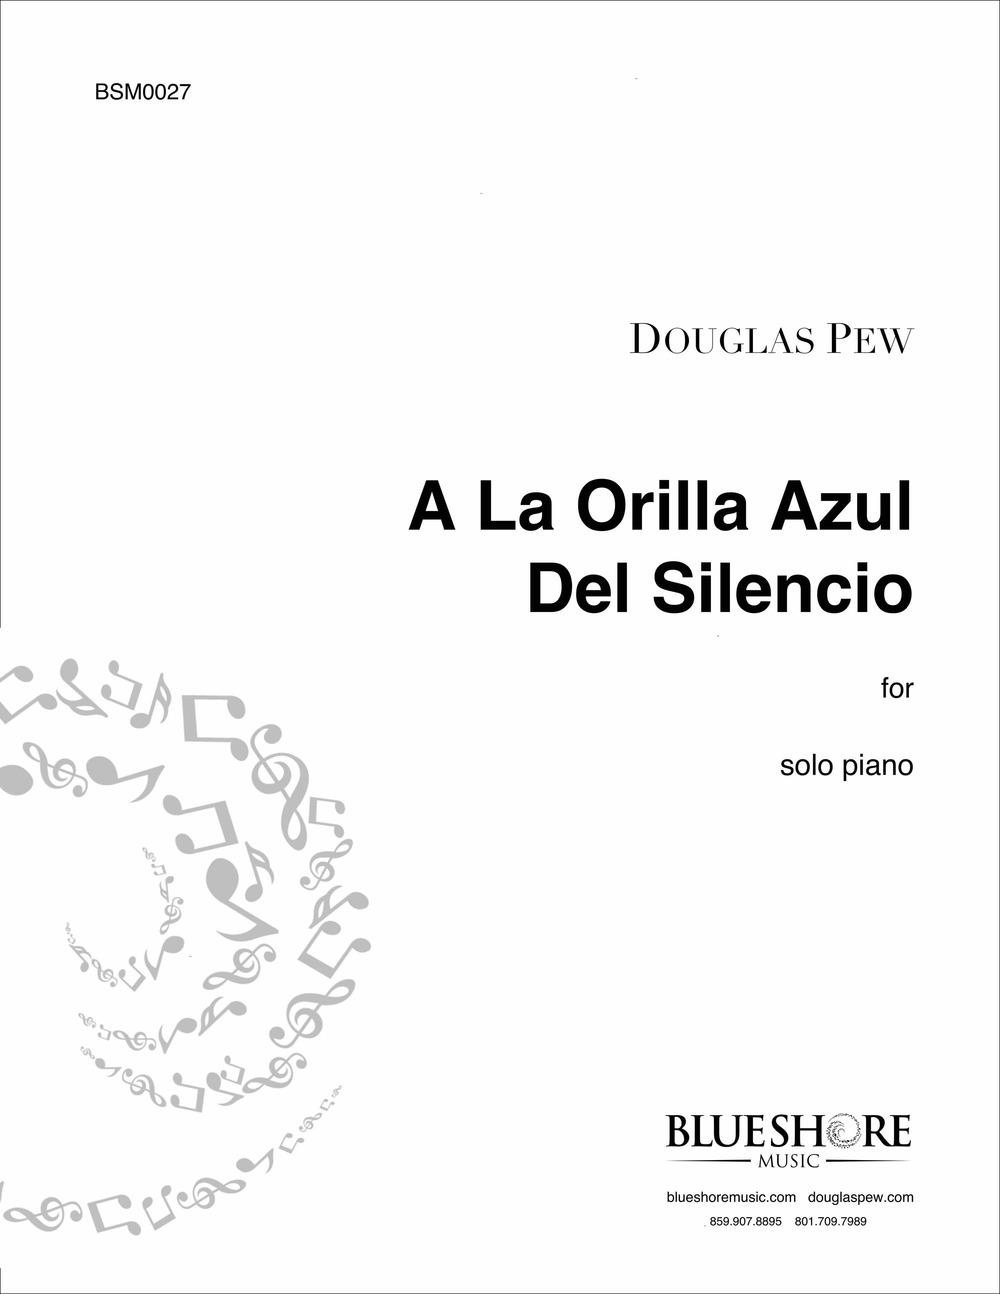 A La Orilla Azul Del Silencio, for Solo Piano